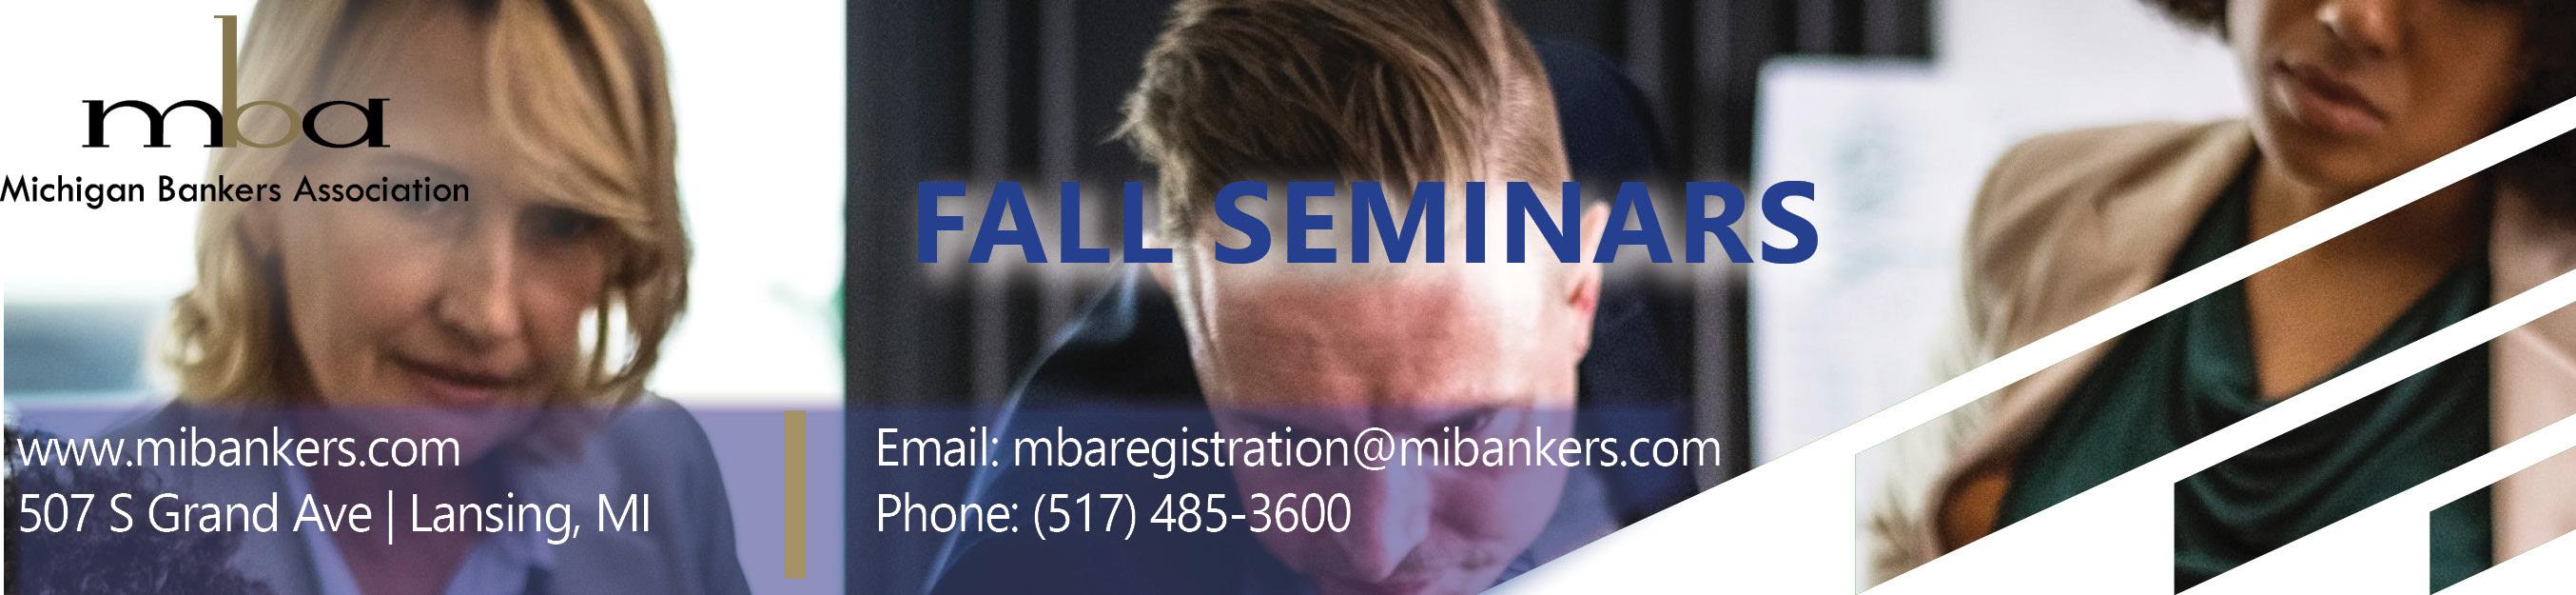 MBA Fall Seminars logo